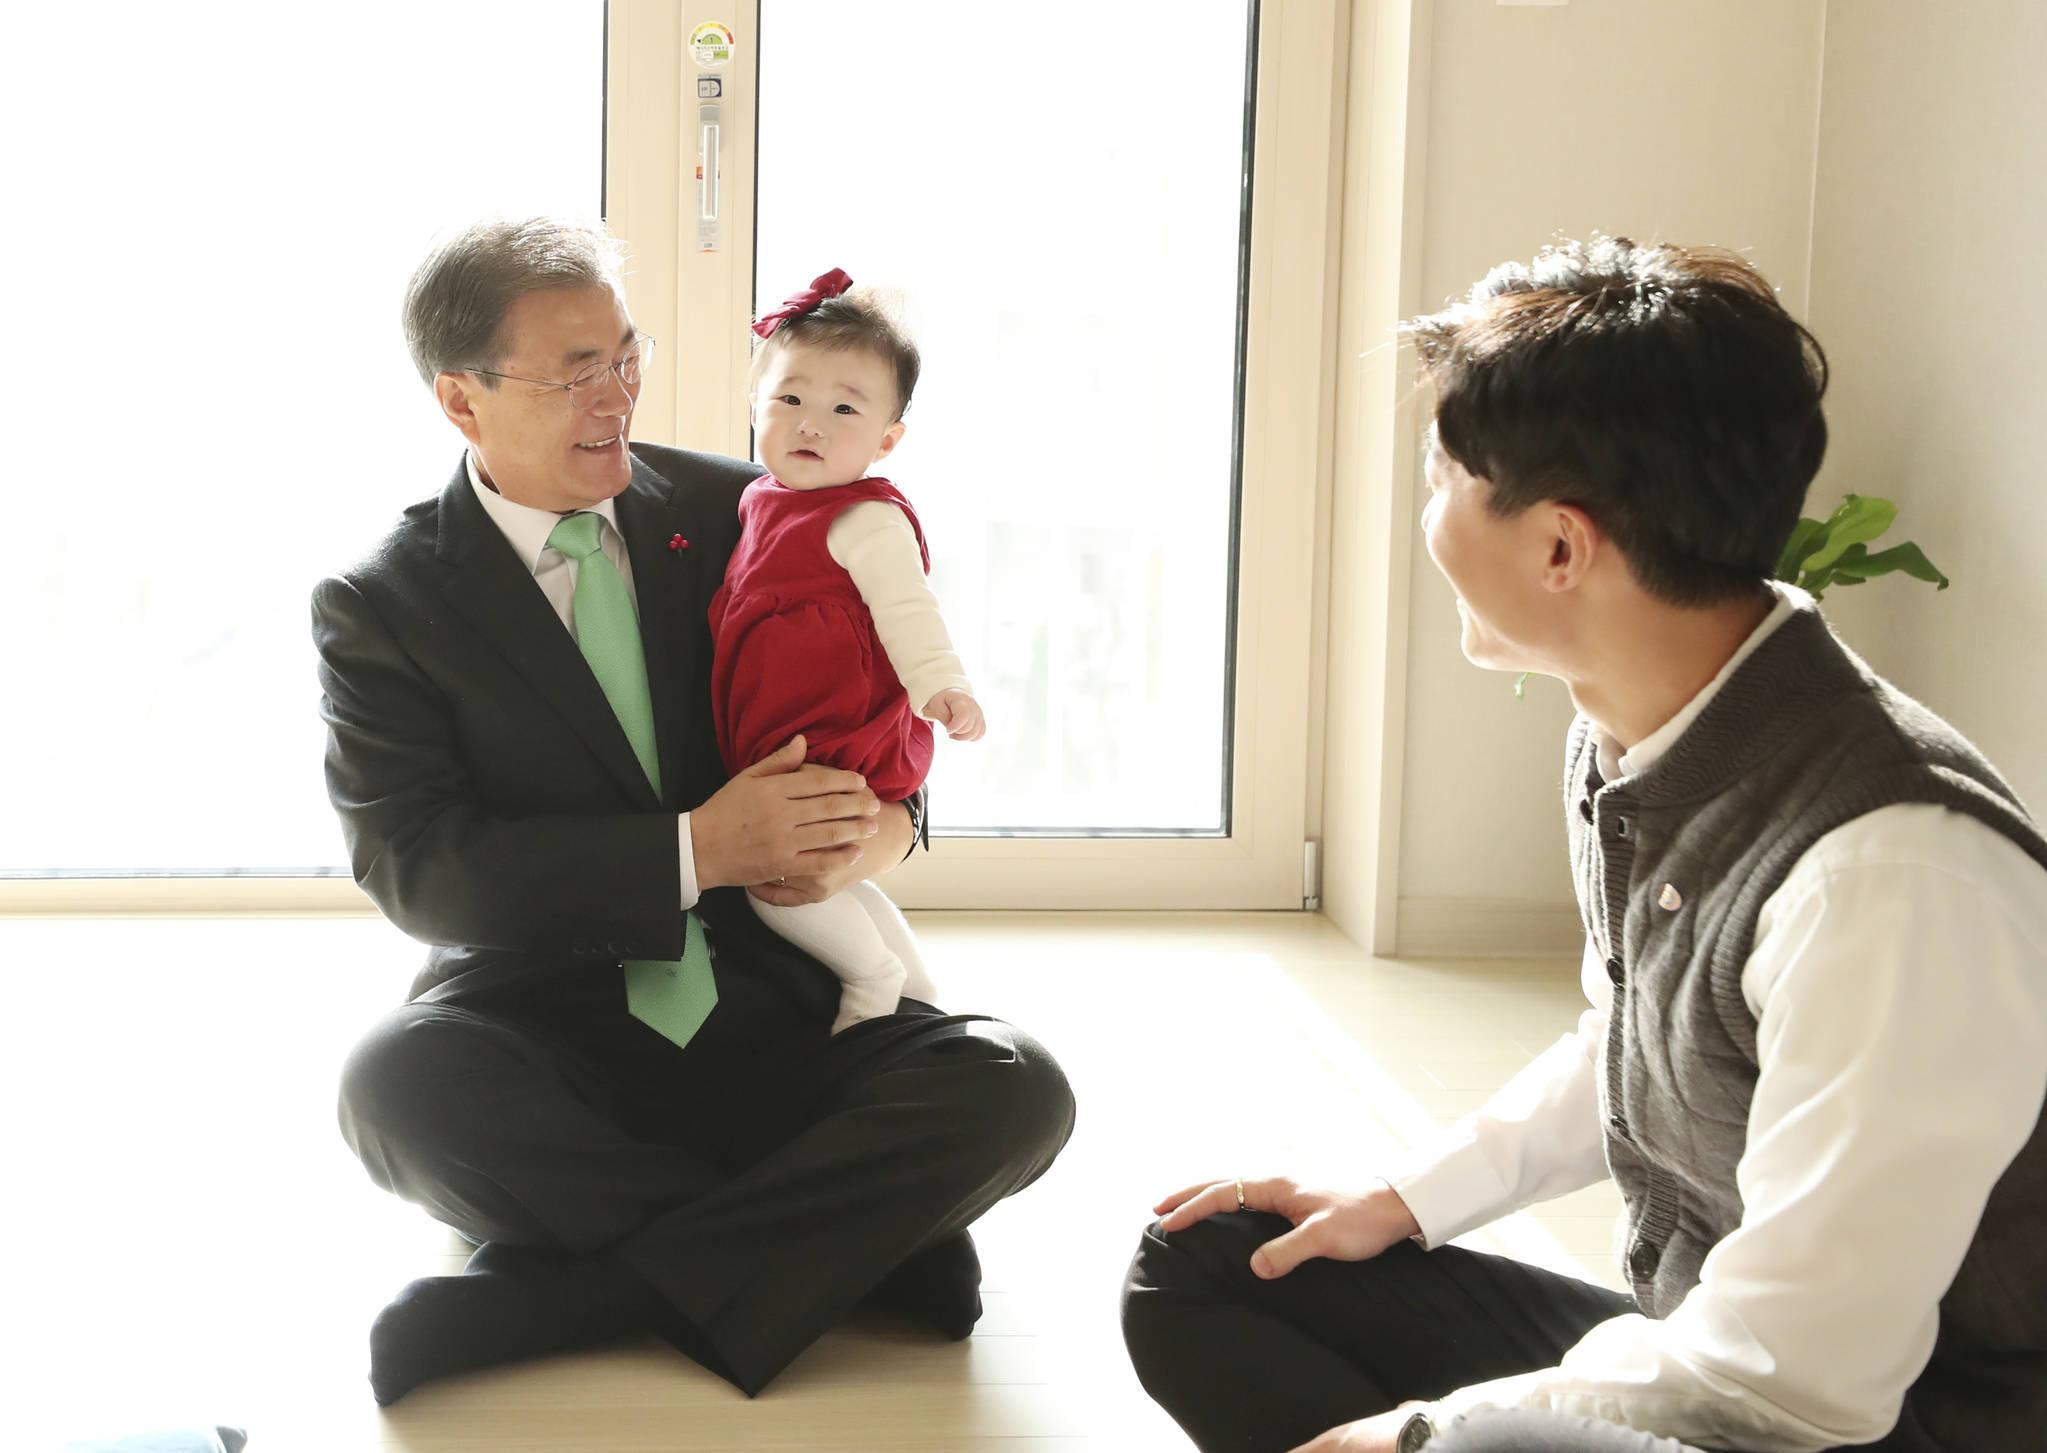 문재인 대통령이 지난해 12월 7일 서울 노원구 '노원 에너지제로 주택 오픈하우스'행사에 참석했다. 문 대통령이 한 신혼부부 입주세대를 방문해 아이를 안아 주고 있다. 김상선 기자